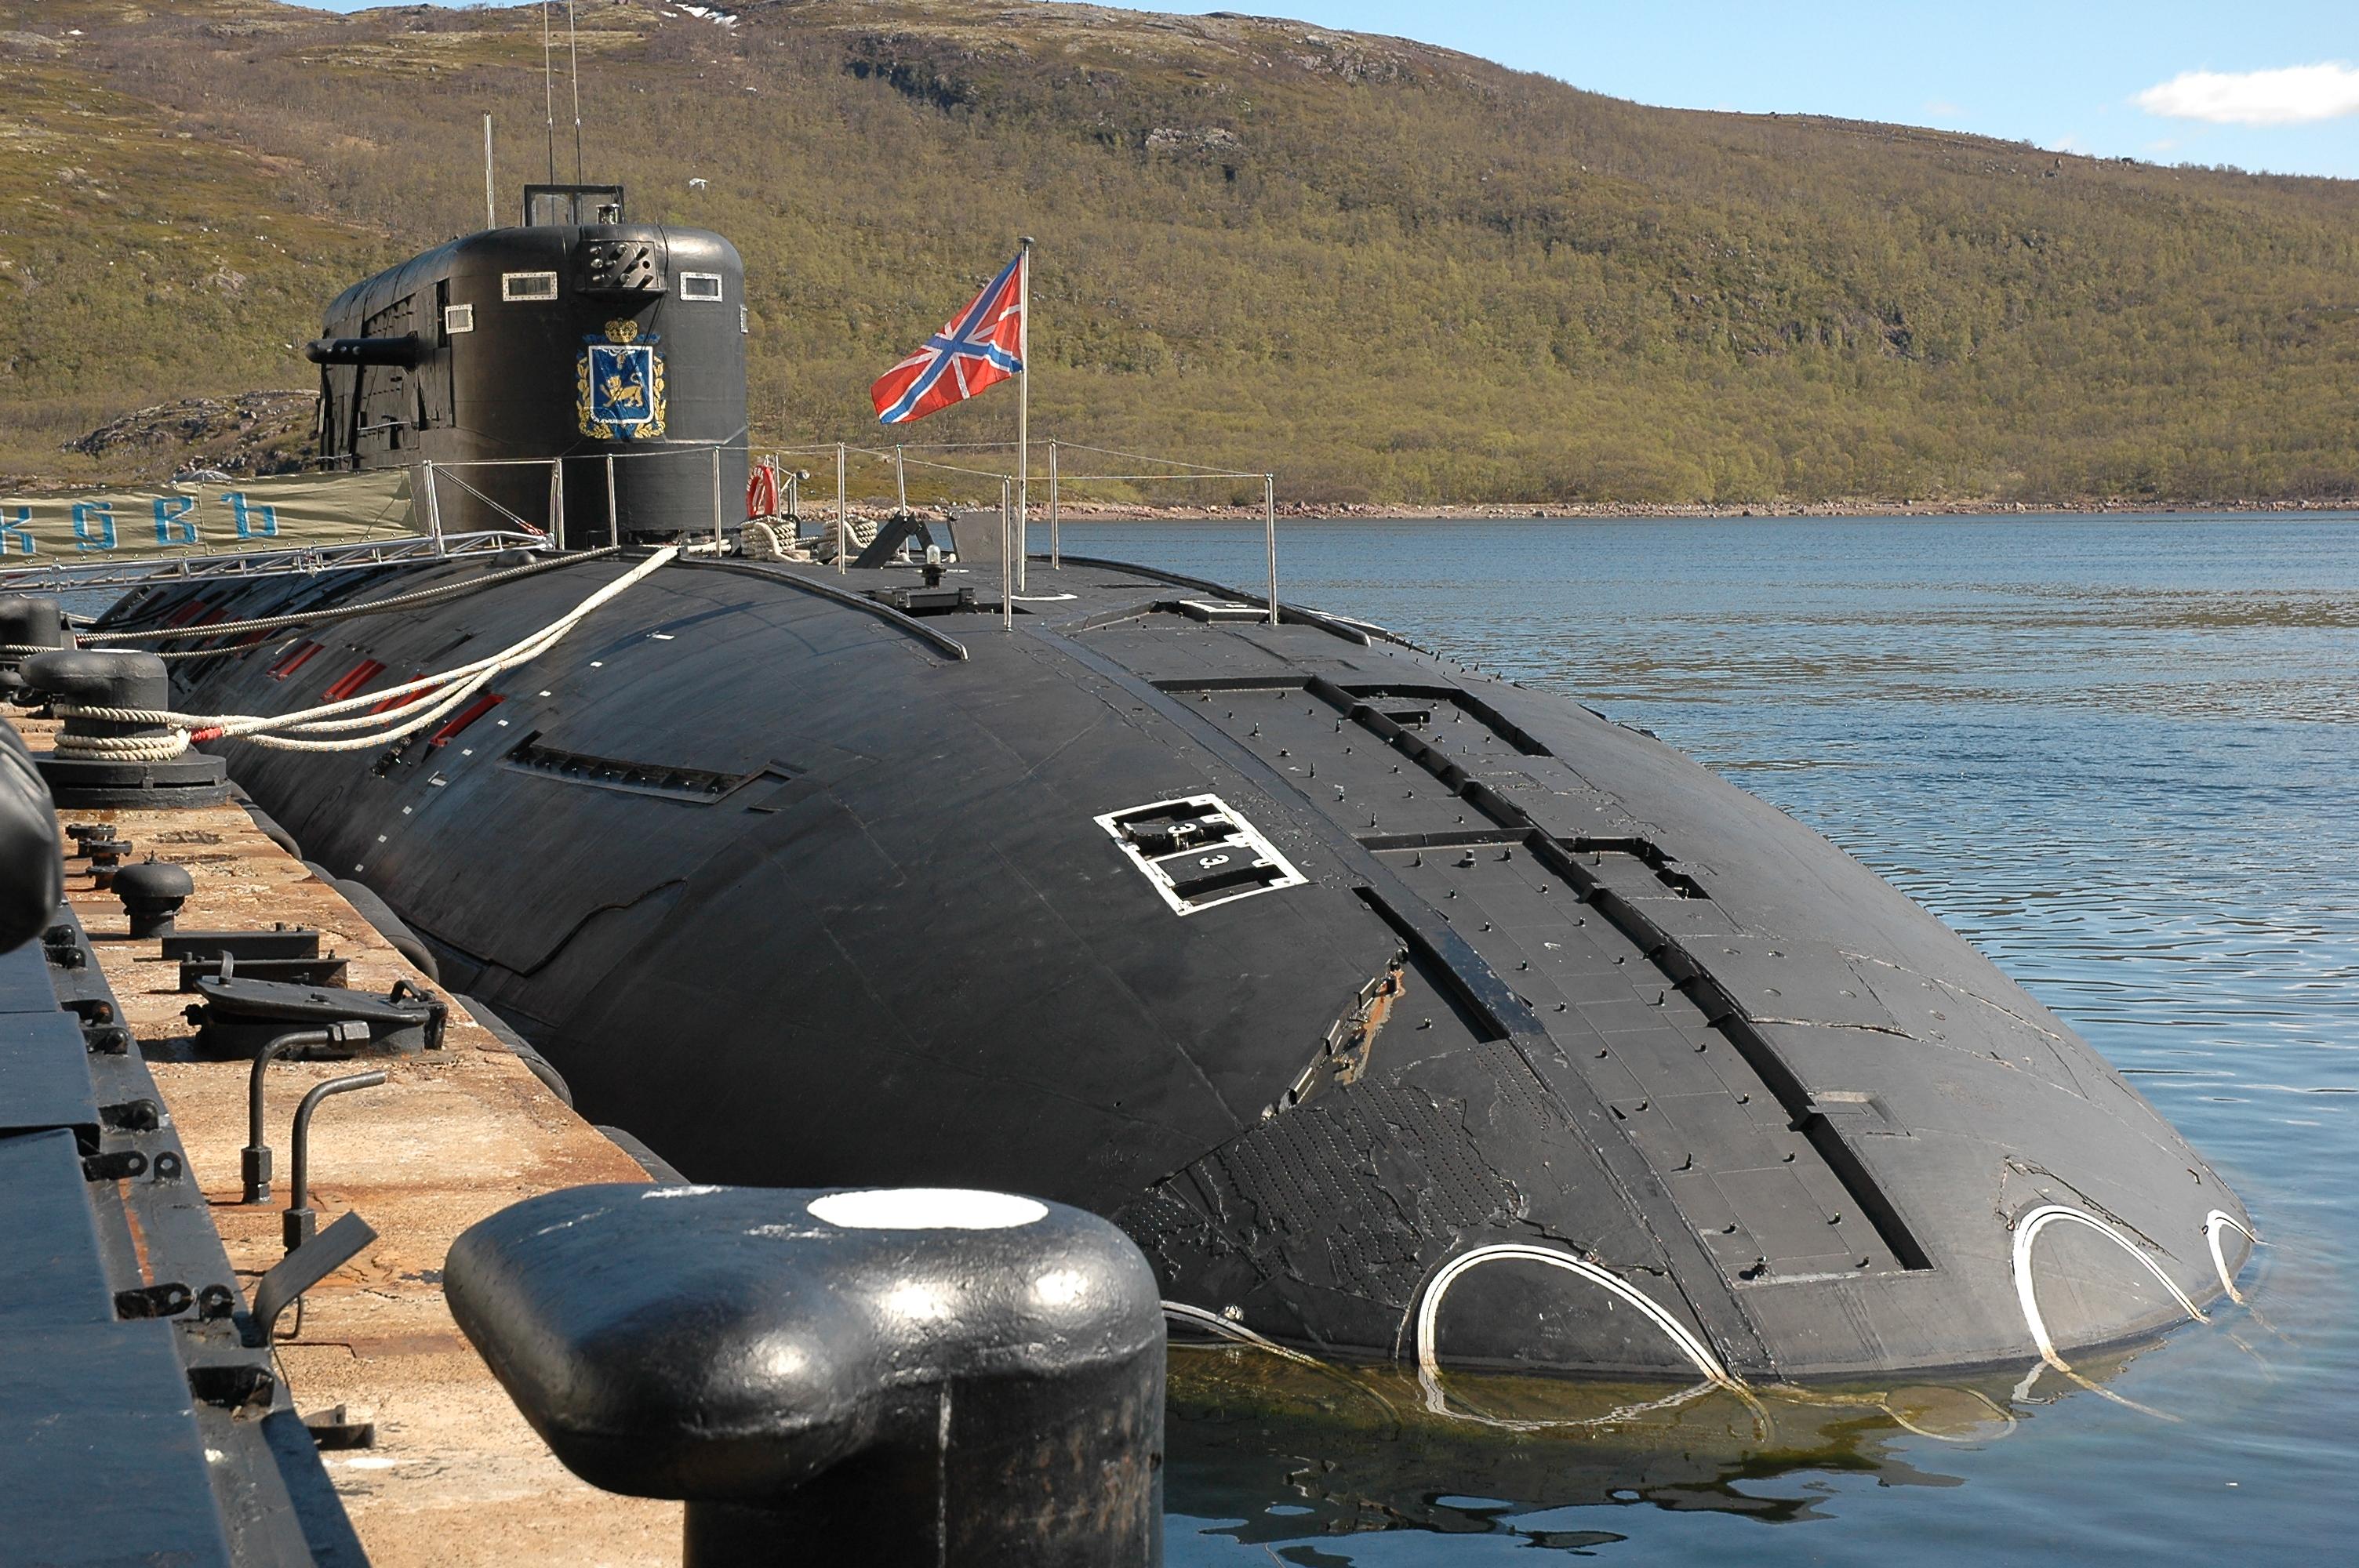 подводная лодка австралия ядерная война